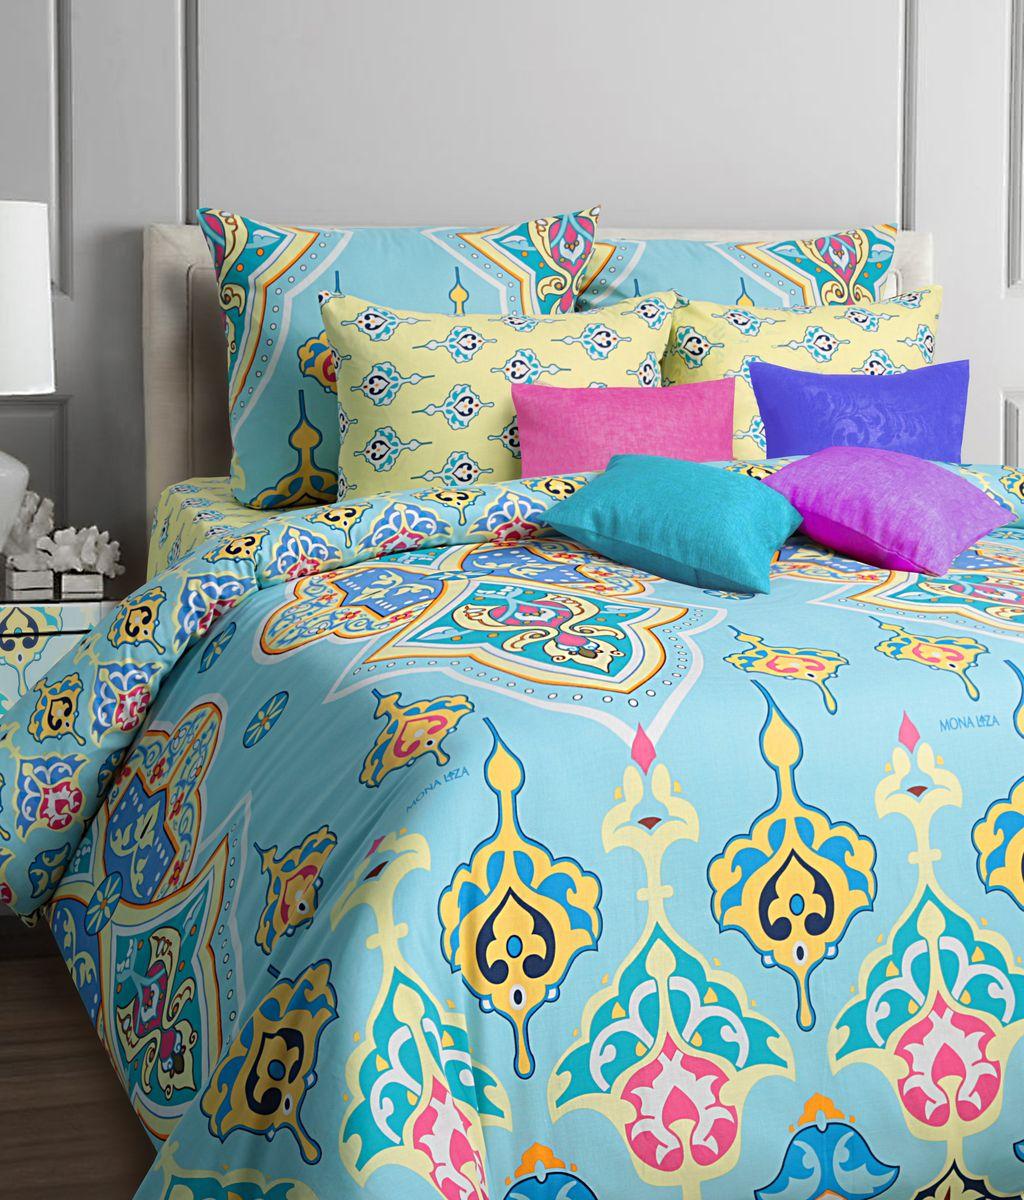 Комплект белья Mona Liza Arabic, 2-спальное, наволочки 70x70, цвет: голубой552203/34Коллекция постельного белья MONA LIZA Classic поражает многообразием дизайнов. Среди них легко подобрать необходимый рисунок, который создаст в доме уют. Комплекты выполнены из бязи 100 % хлопка.